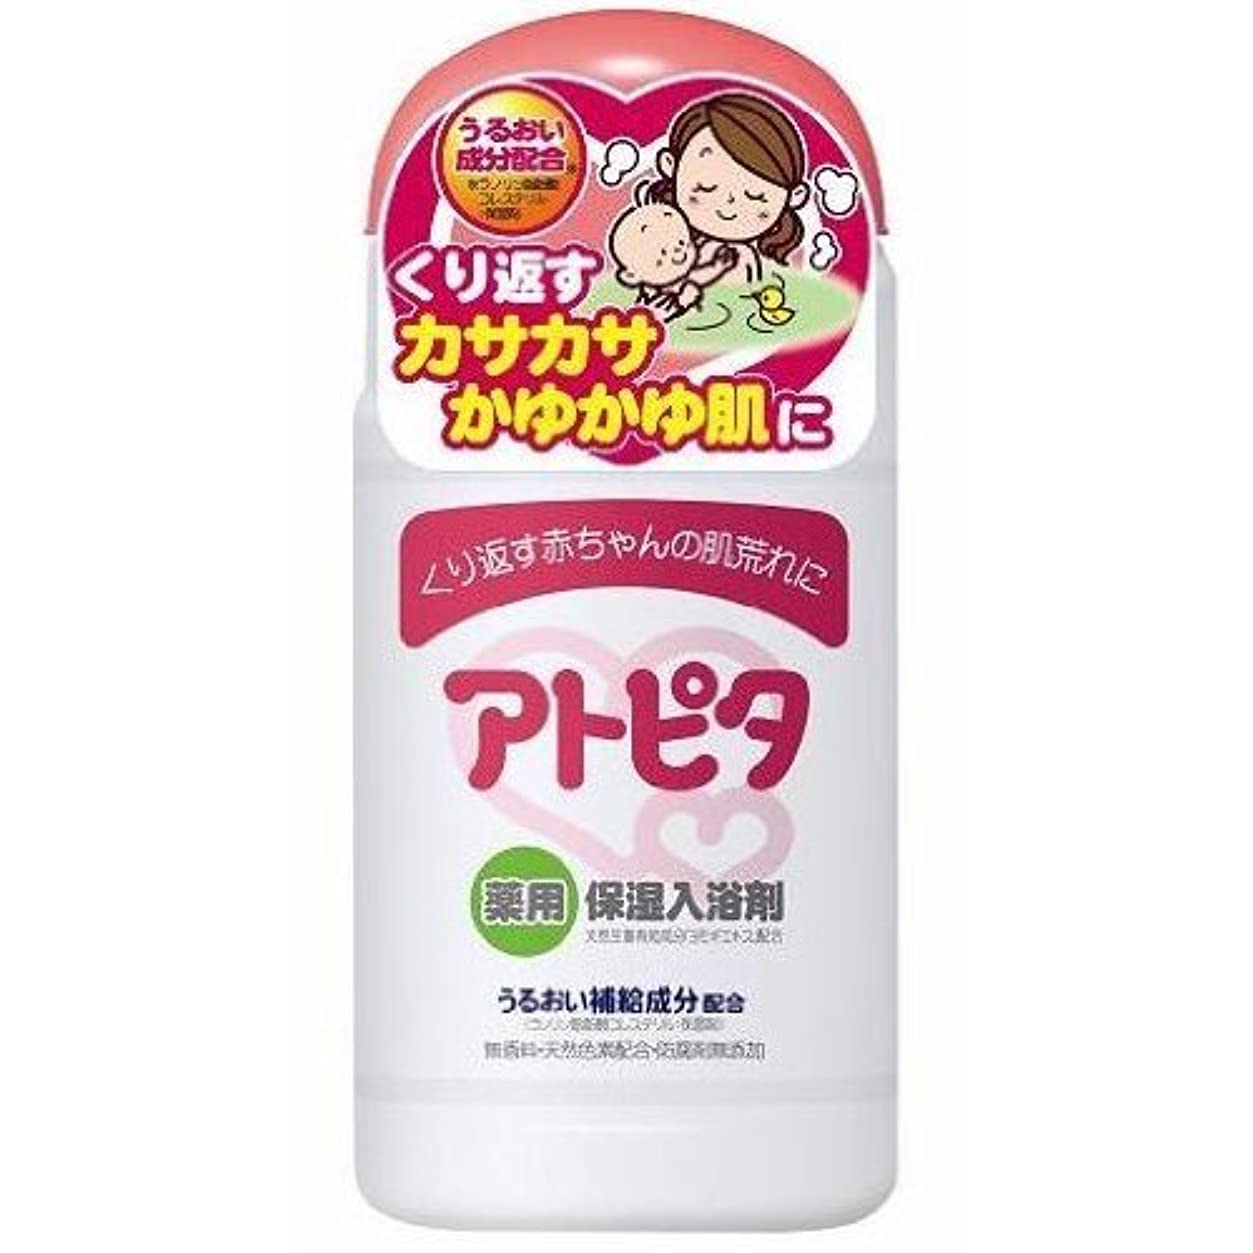 のスコア世界の窓ハーブアトピタ薬用入浴剤 500g